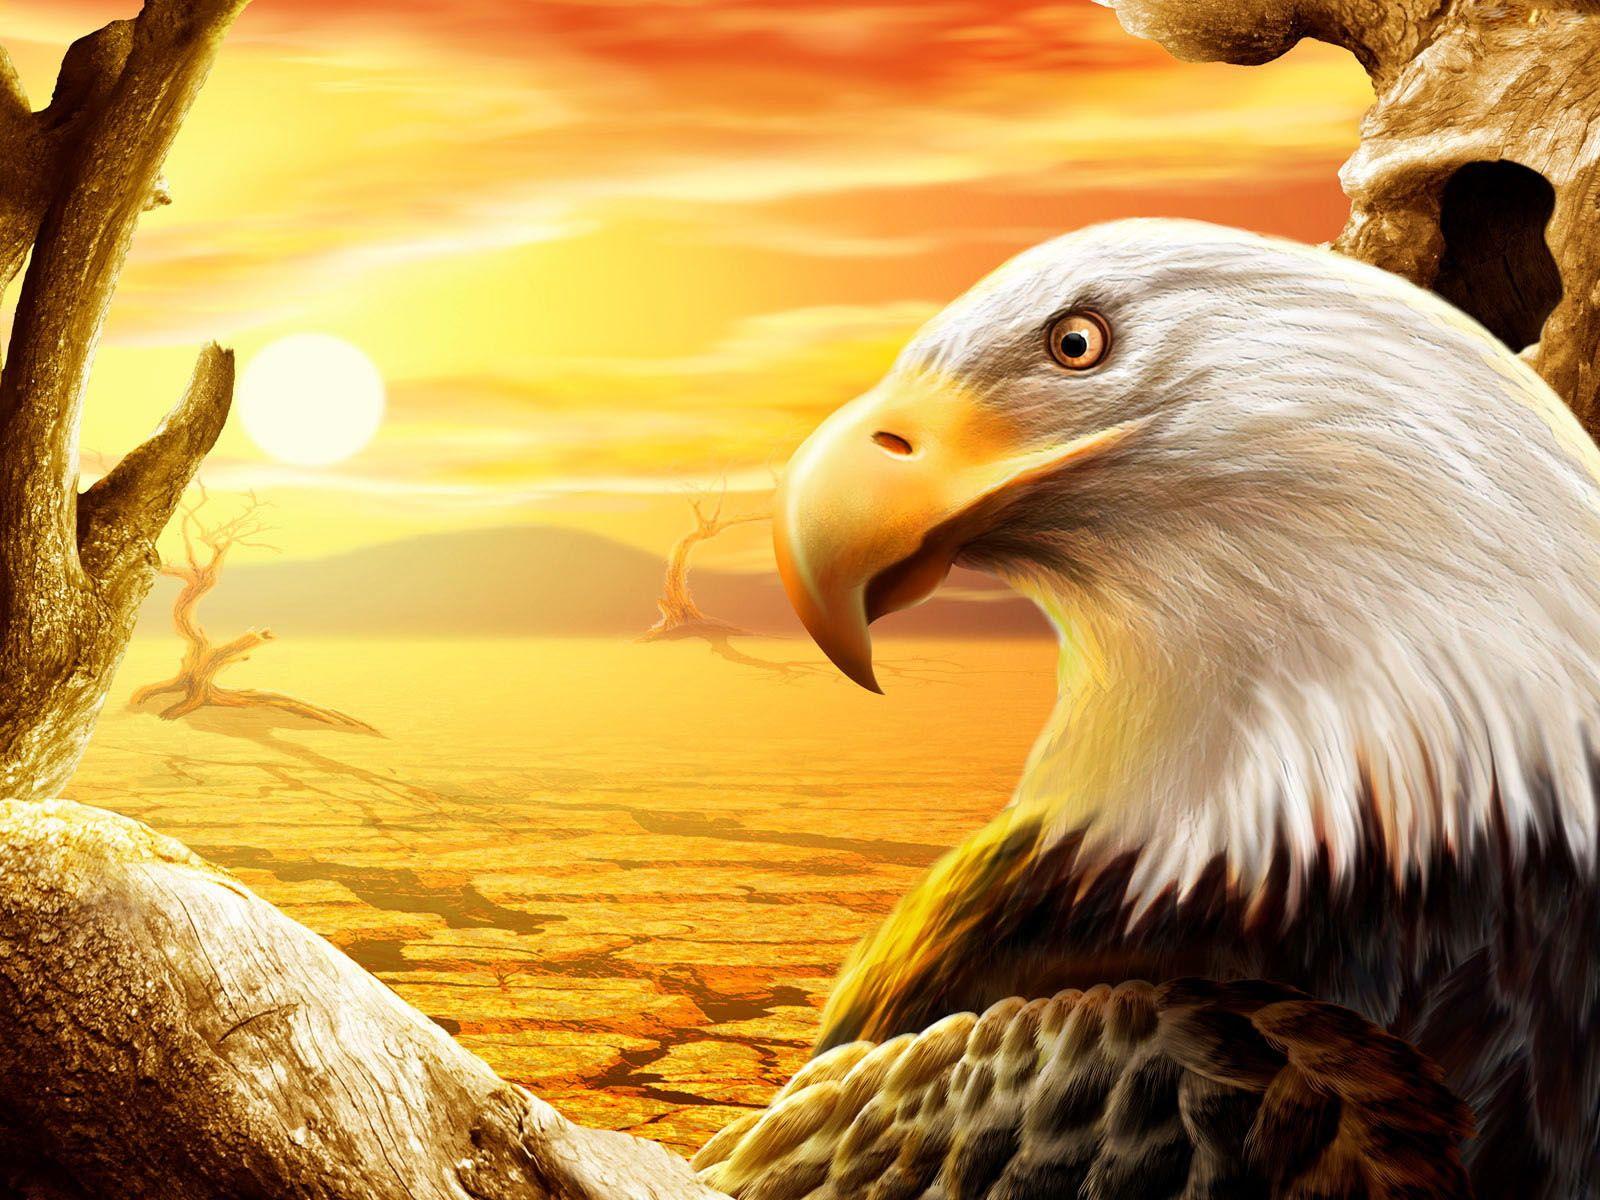 eagle best HD wallpaper Wallpicshd Bald Eagle Eagle